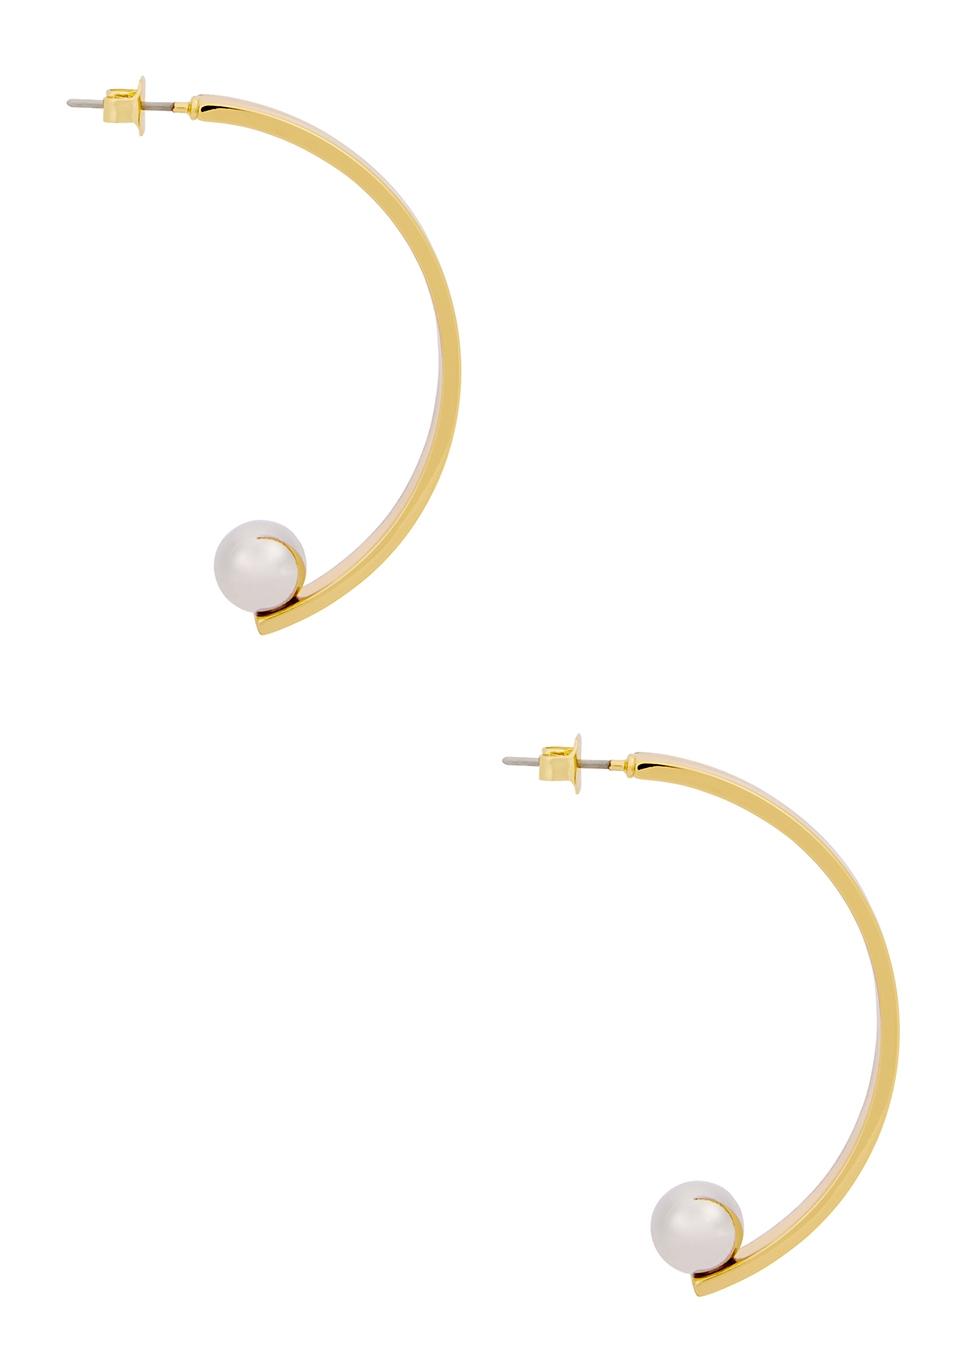 Vela 14kt gold-dipped earrings - JENNY BIRD